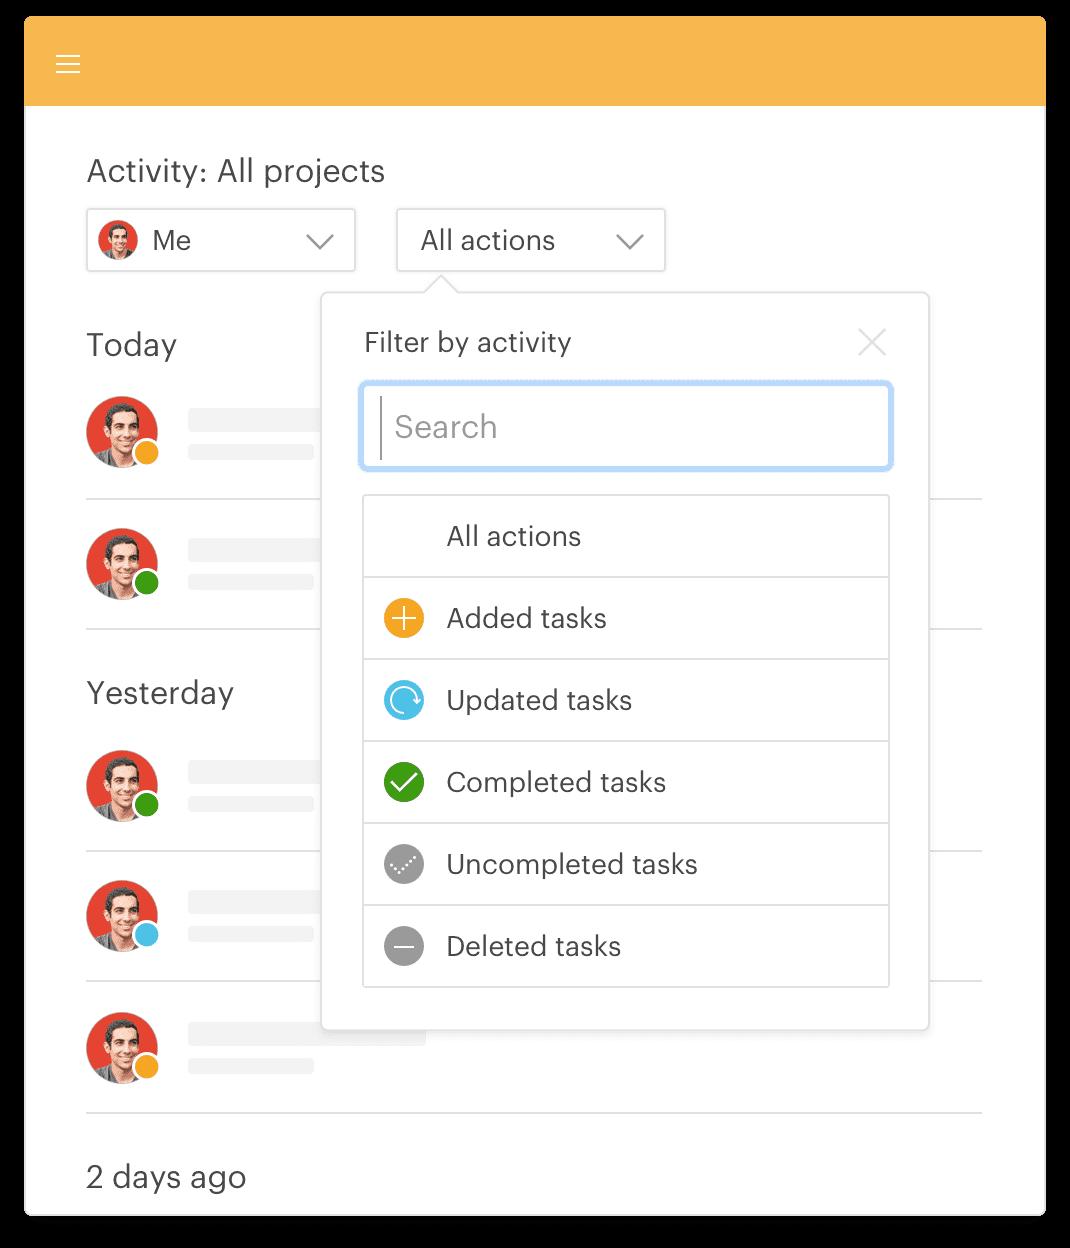 Få et overblik over al aktivitet på din konto